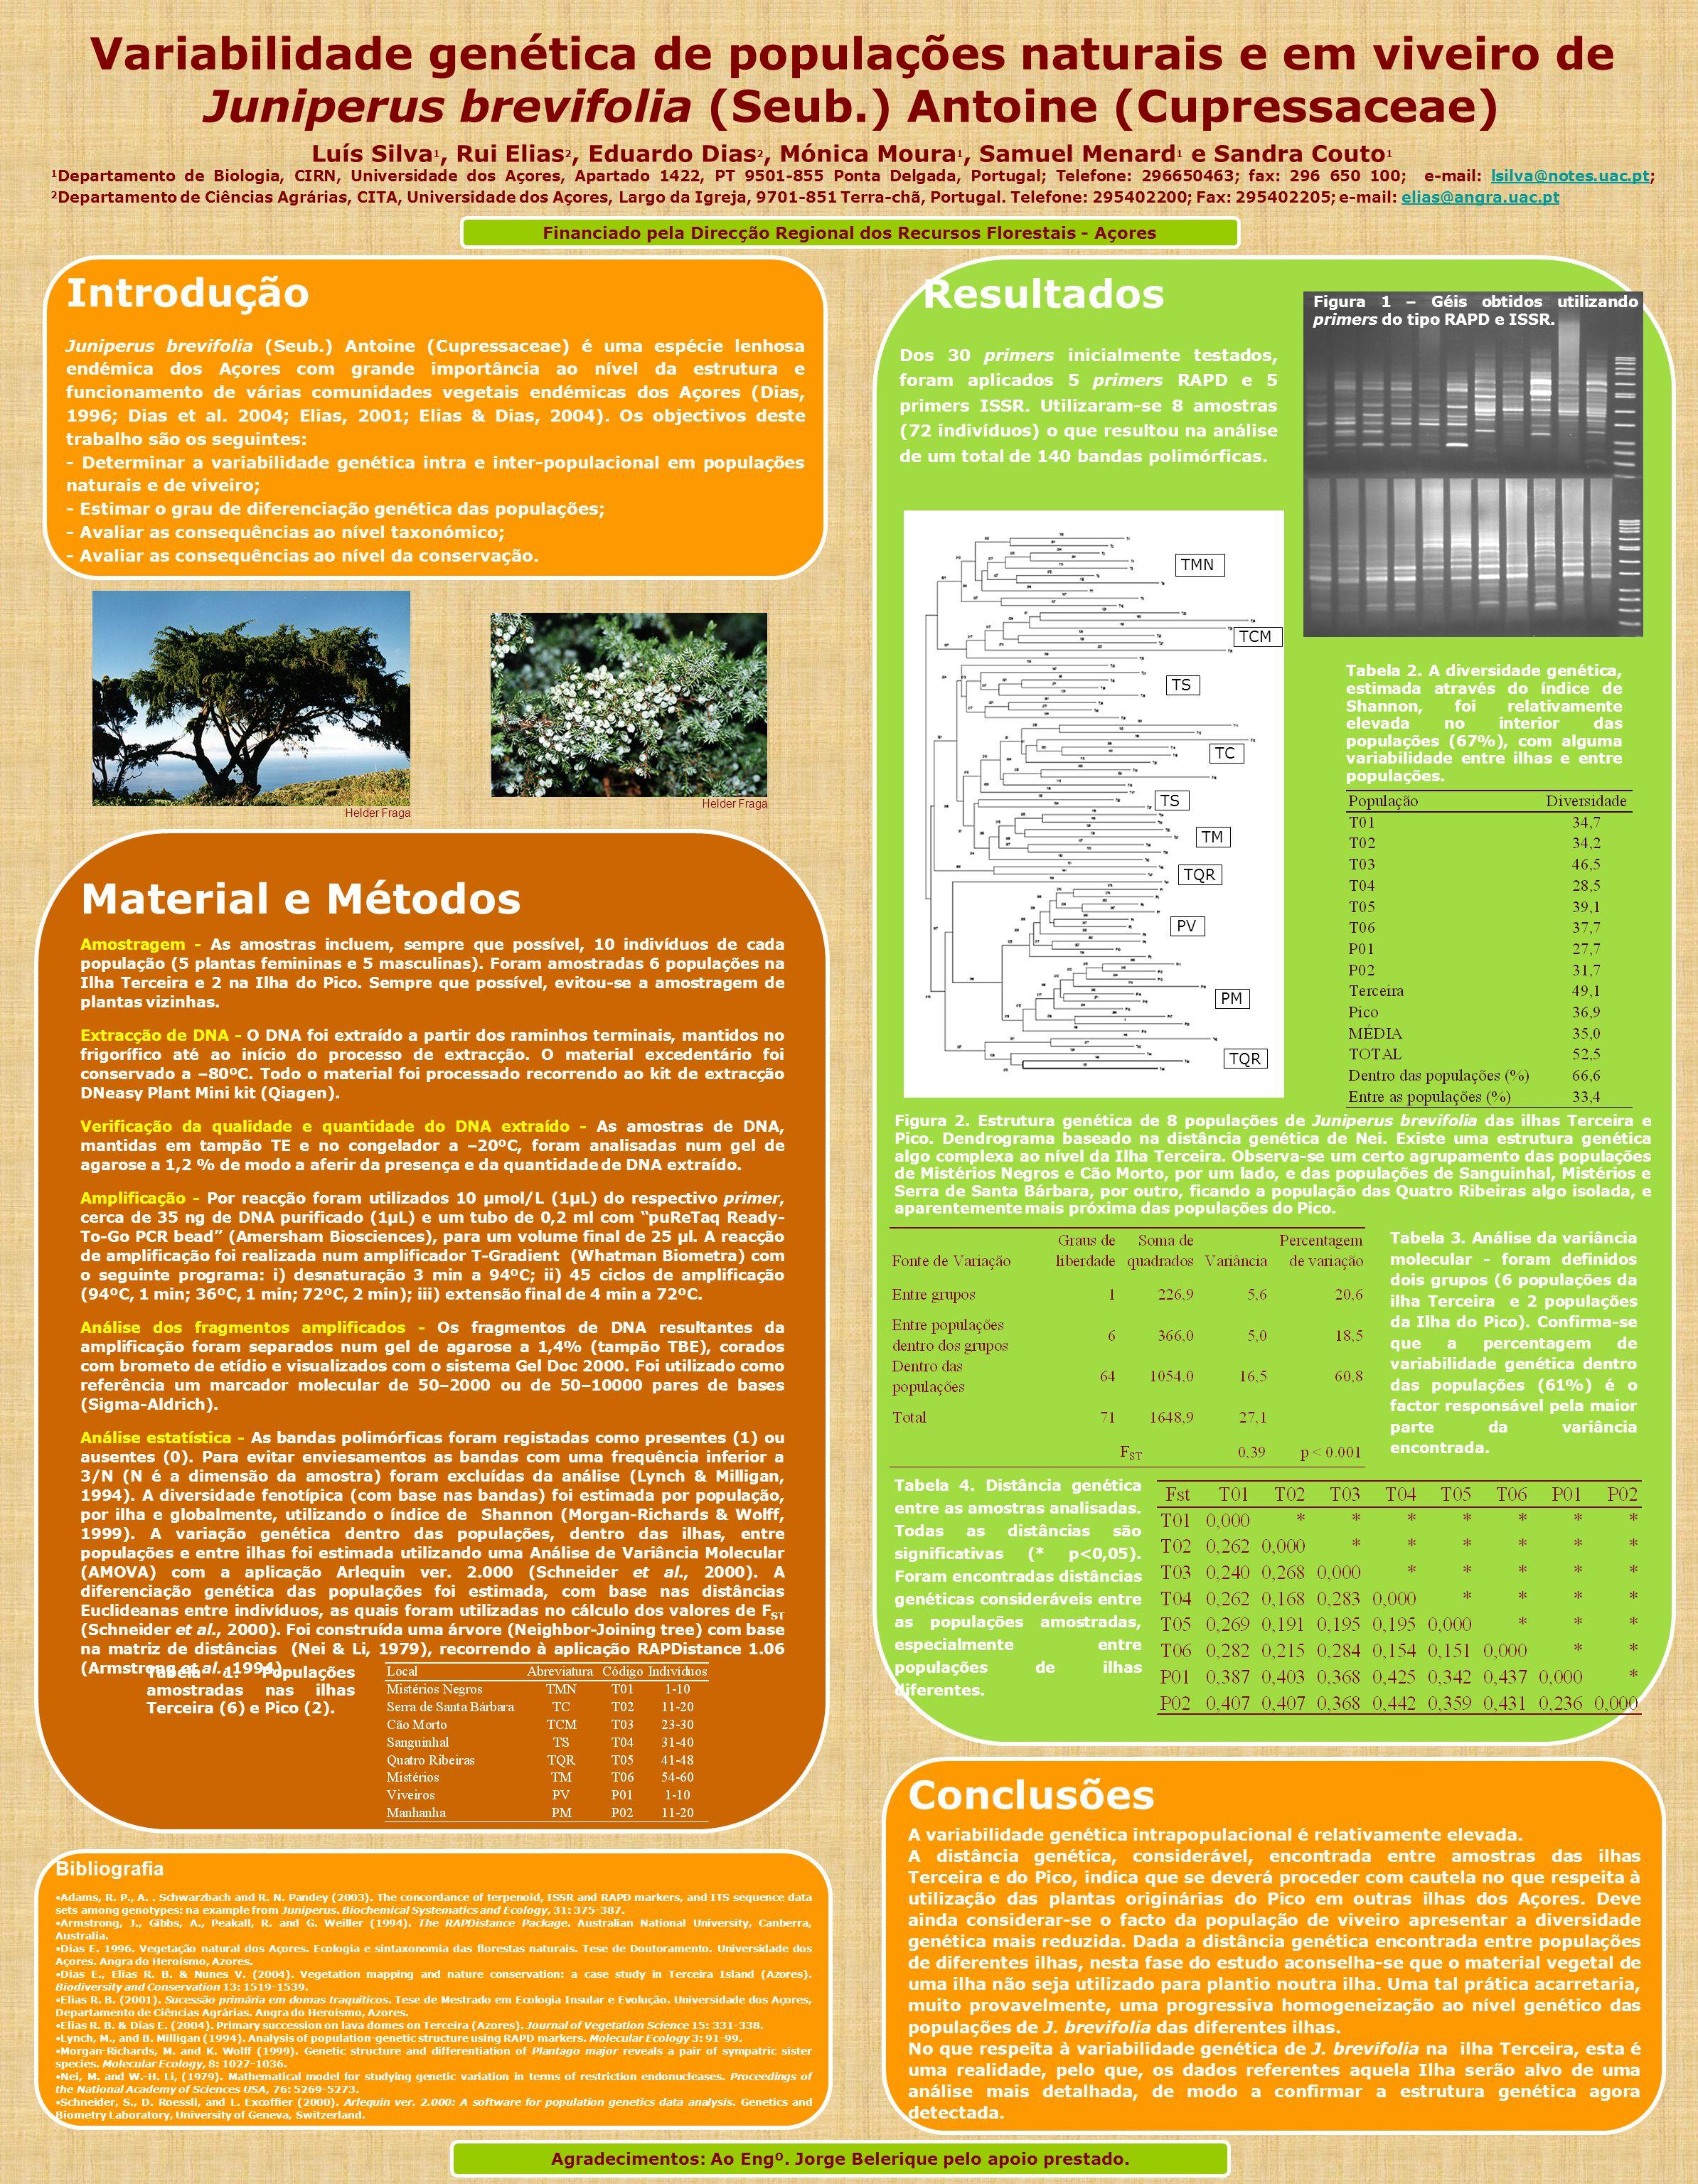 Introdução Juniperus brevifolia (Seub.) Antoine (Cupressaceae) é uma espécie lenhosa endémica dos Açores com grande importância ao nível da estrutura